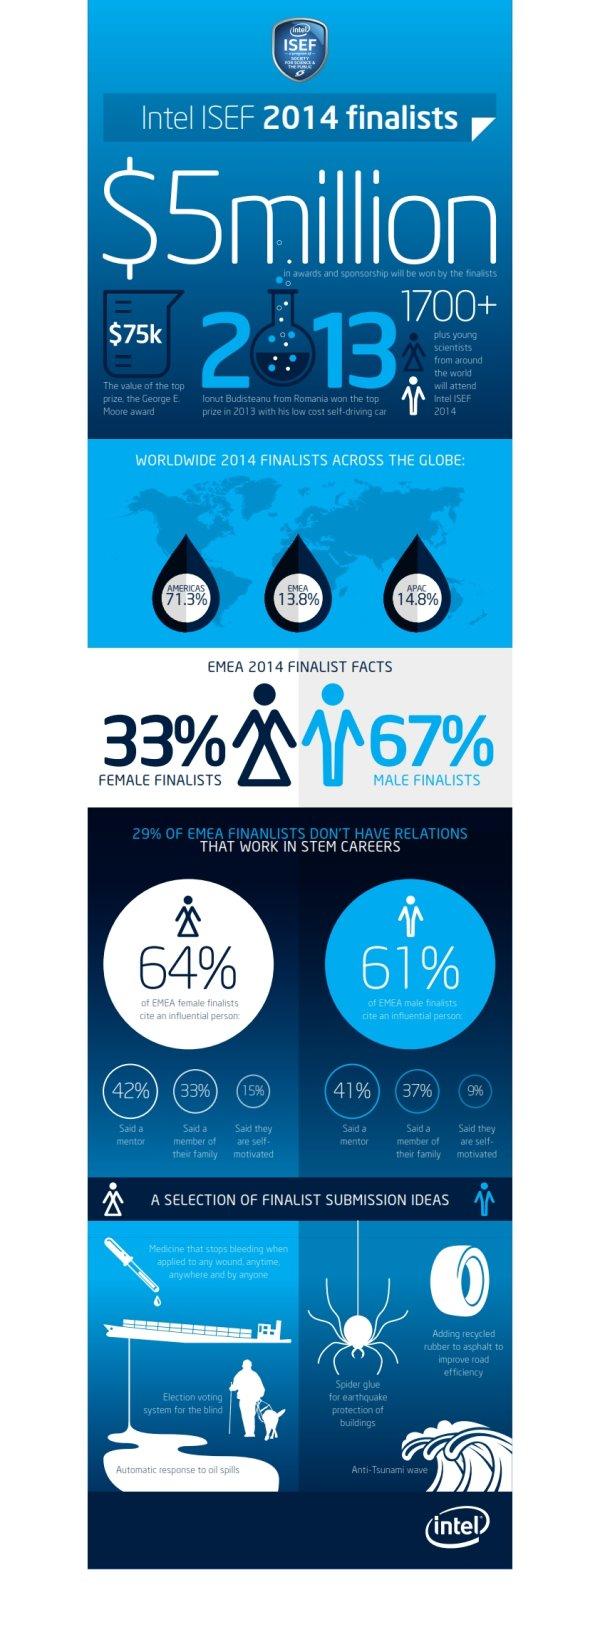 Intel_ISEF_infographic_v 2 (3)_001.jpg